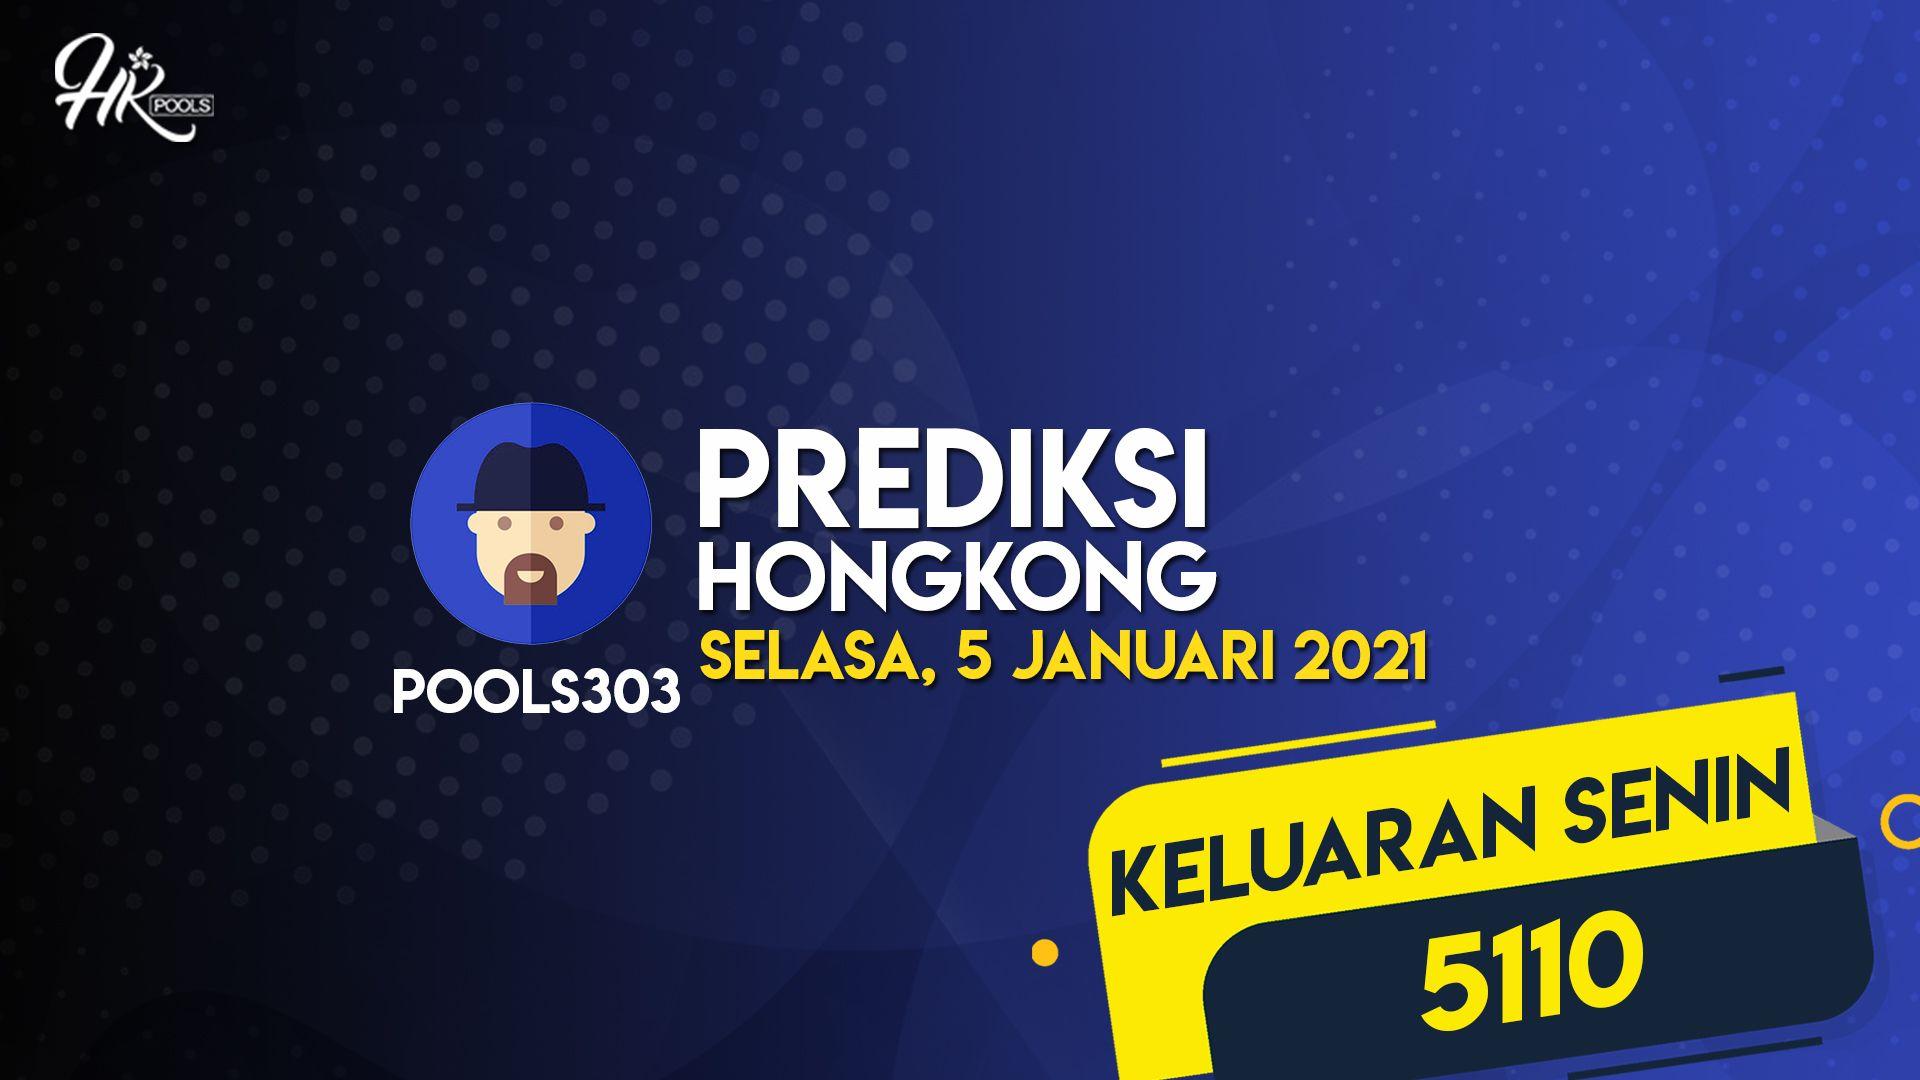 ♚ Anyar Prediksi hk malam ini 2021 5 januari